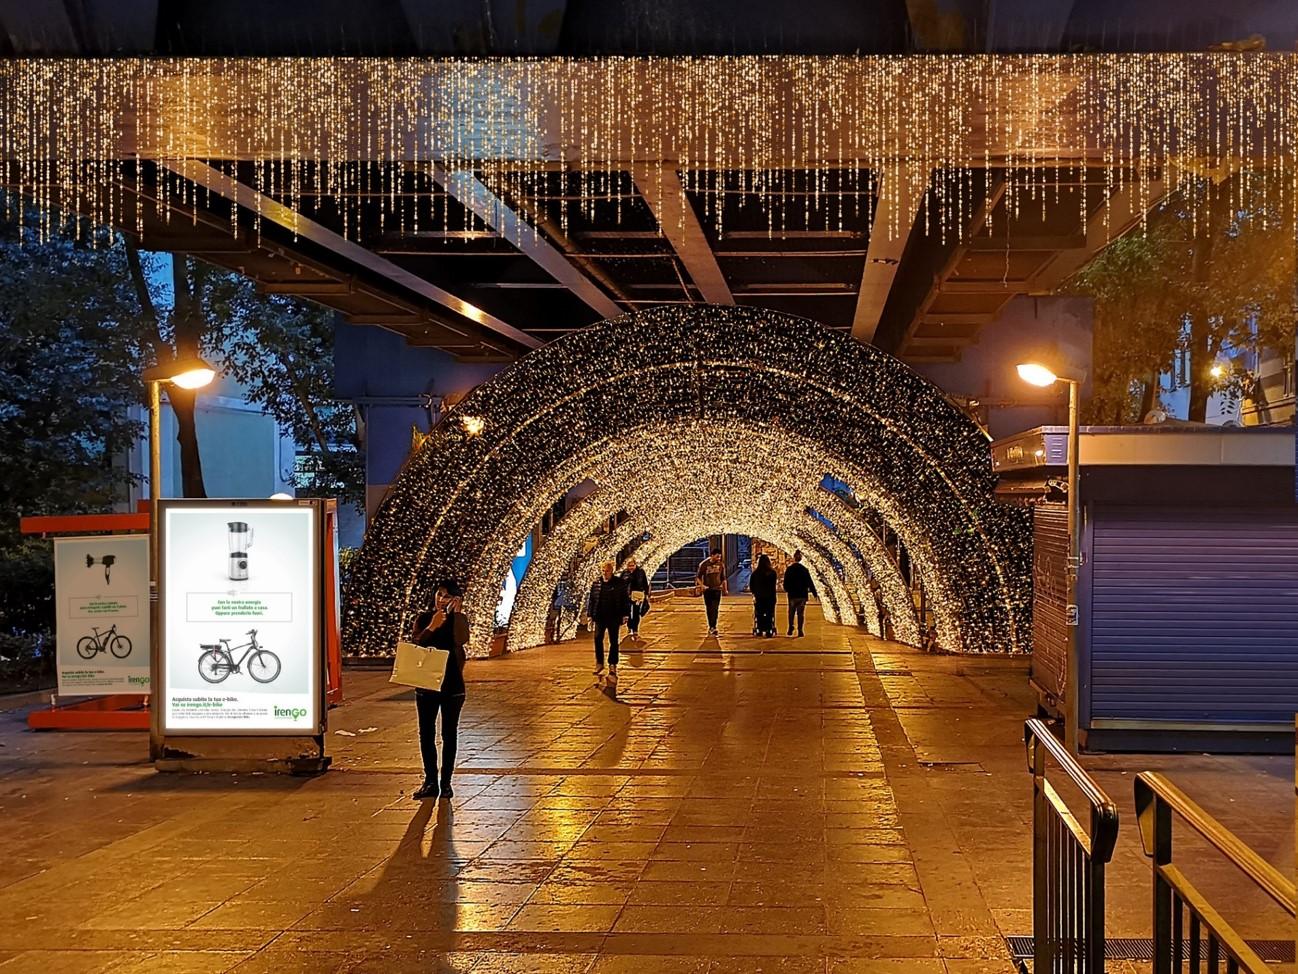 Genova ospita il tunnel di luci più lungo d'Europa, e unirà idealmente due aree divise dal crollo del ponte Morandi